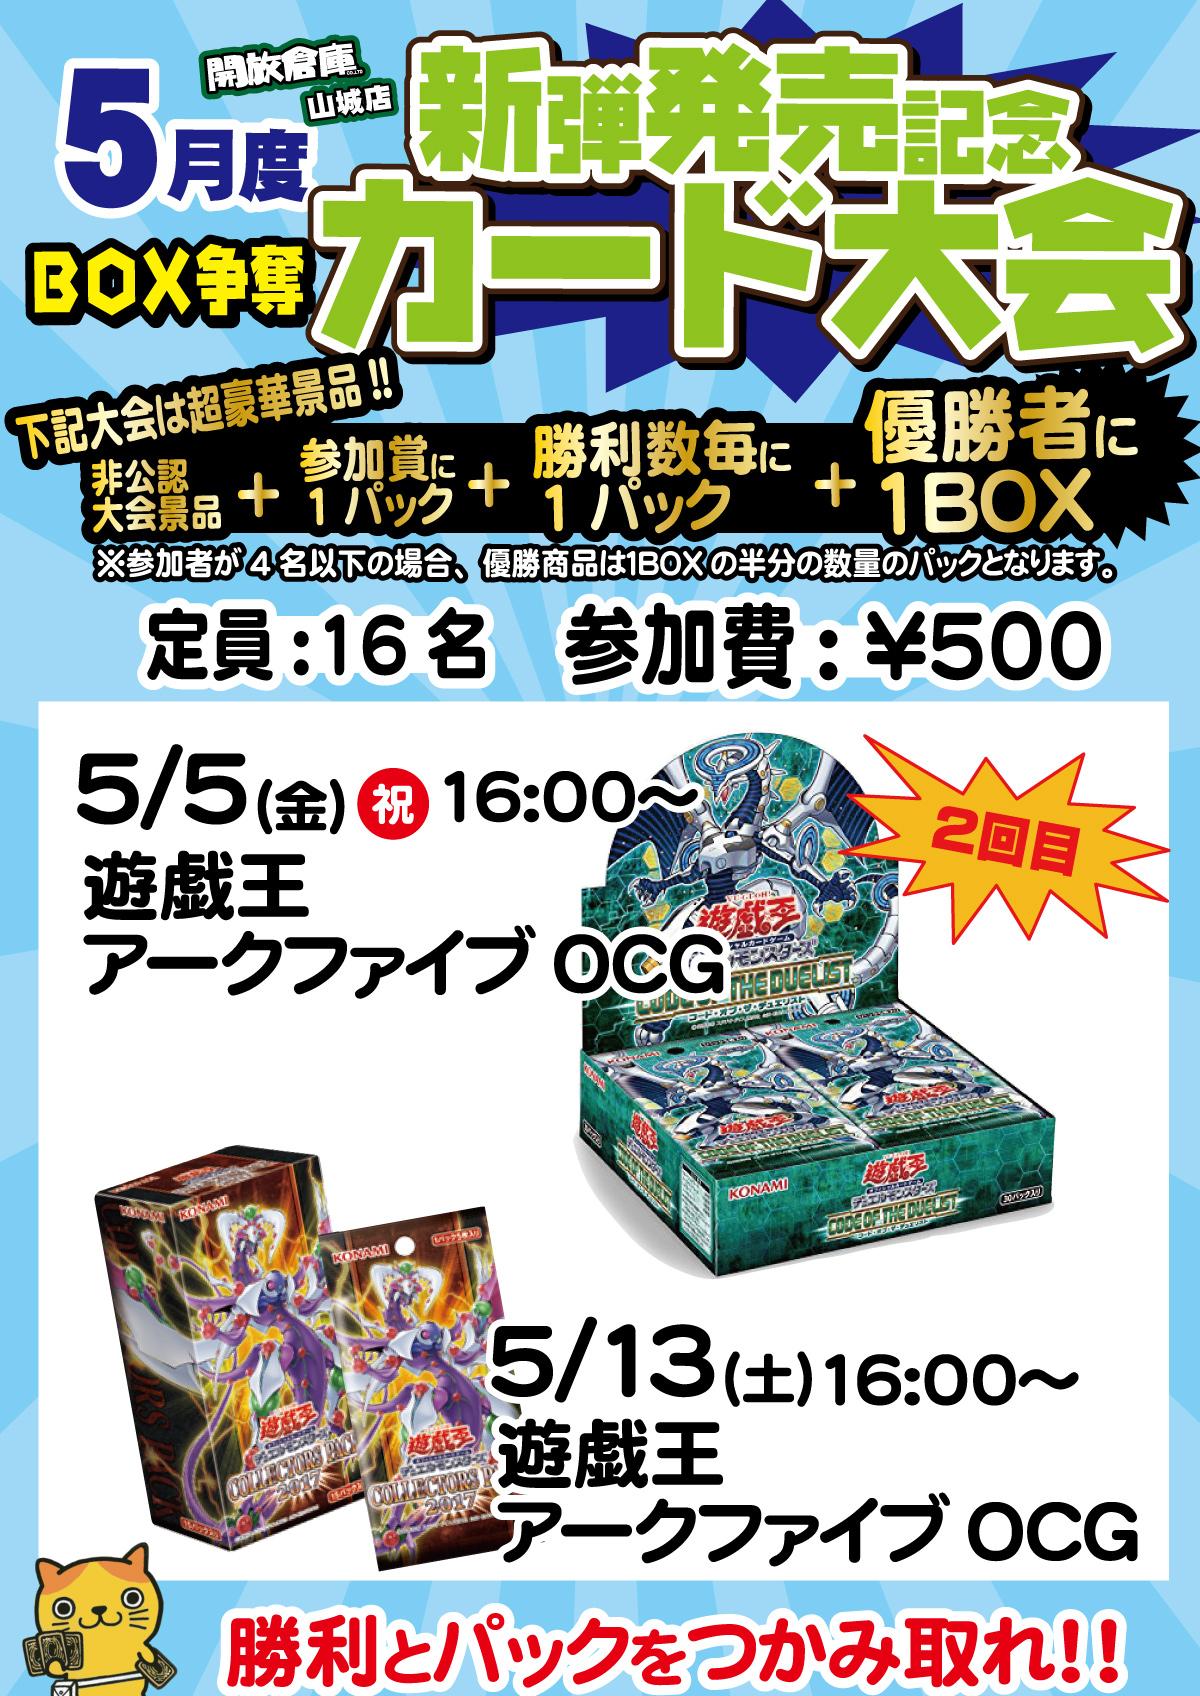 「開放倉庫山城店」2017年5月度/新弾発売記念BOX争奪カード大会予定表を更新しました!